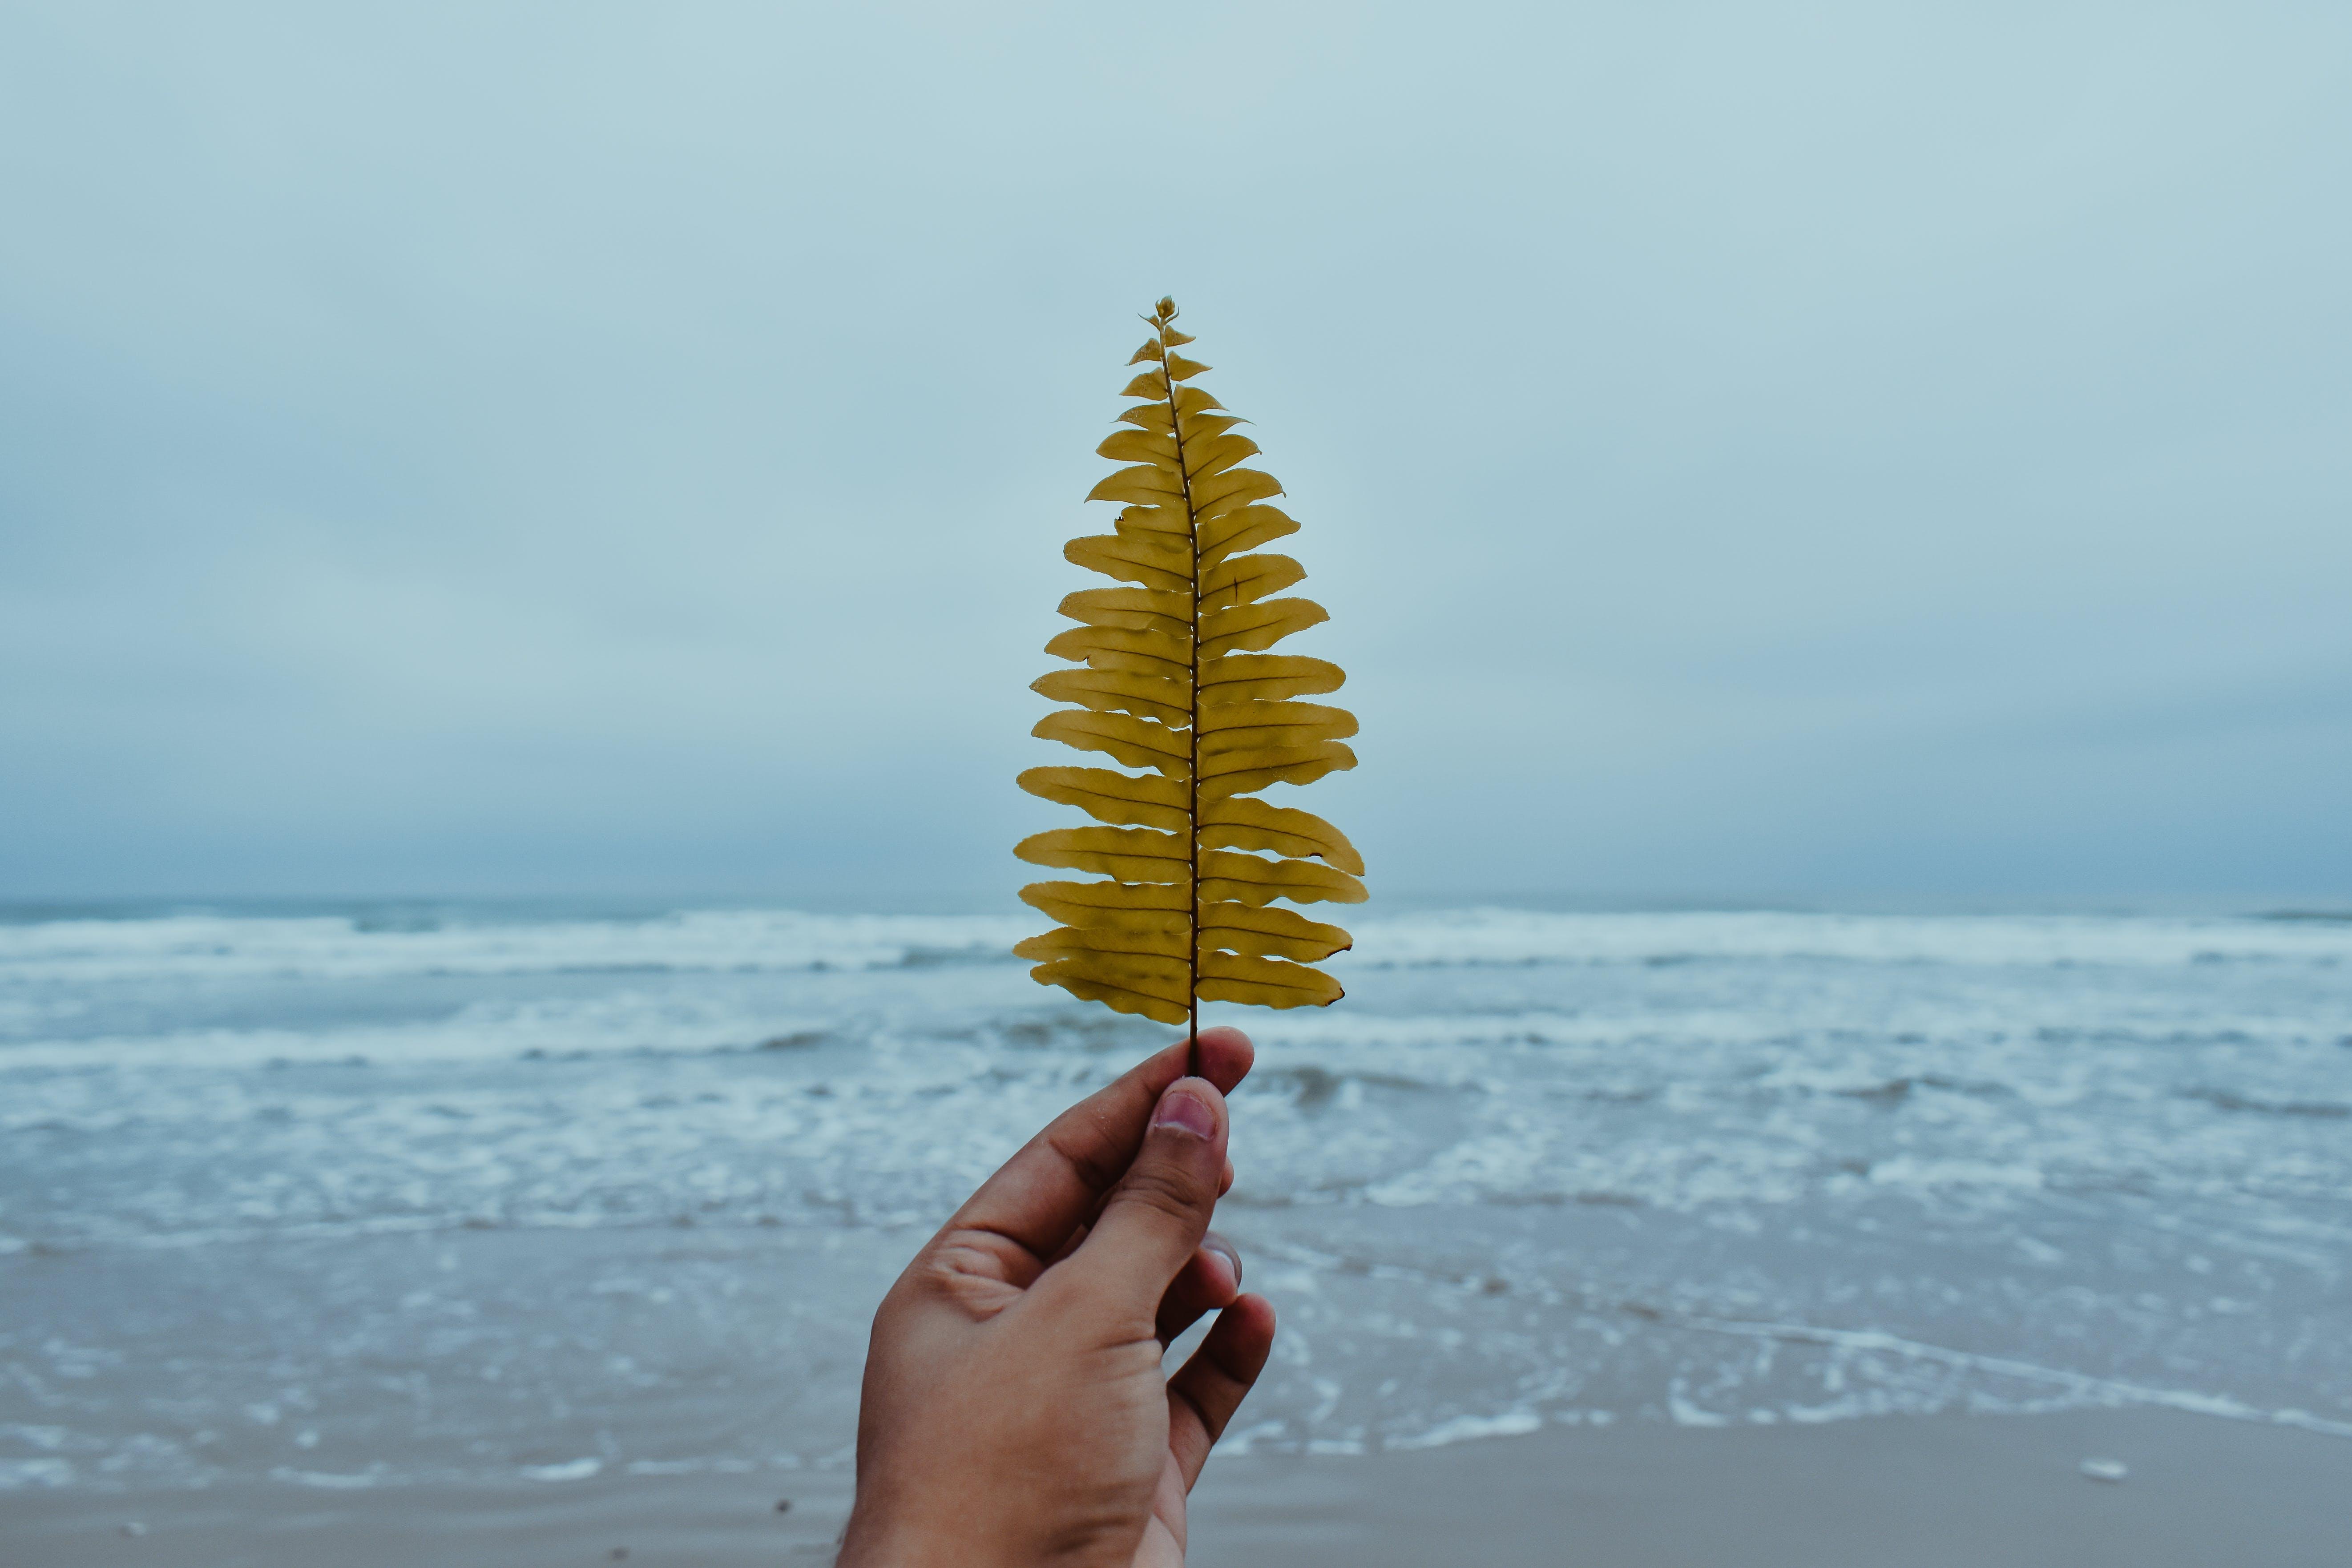 คลังภาพถ่ายฟรี ของ คลื่น, จับ, ชายหาด, ชีวิตธรรมชาติ